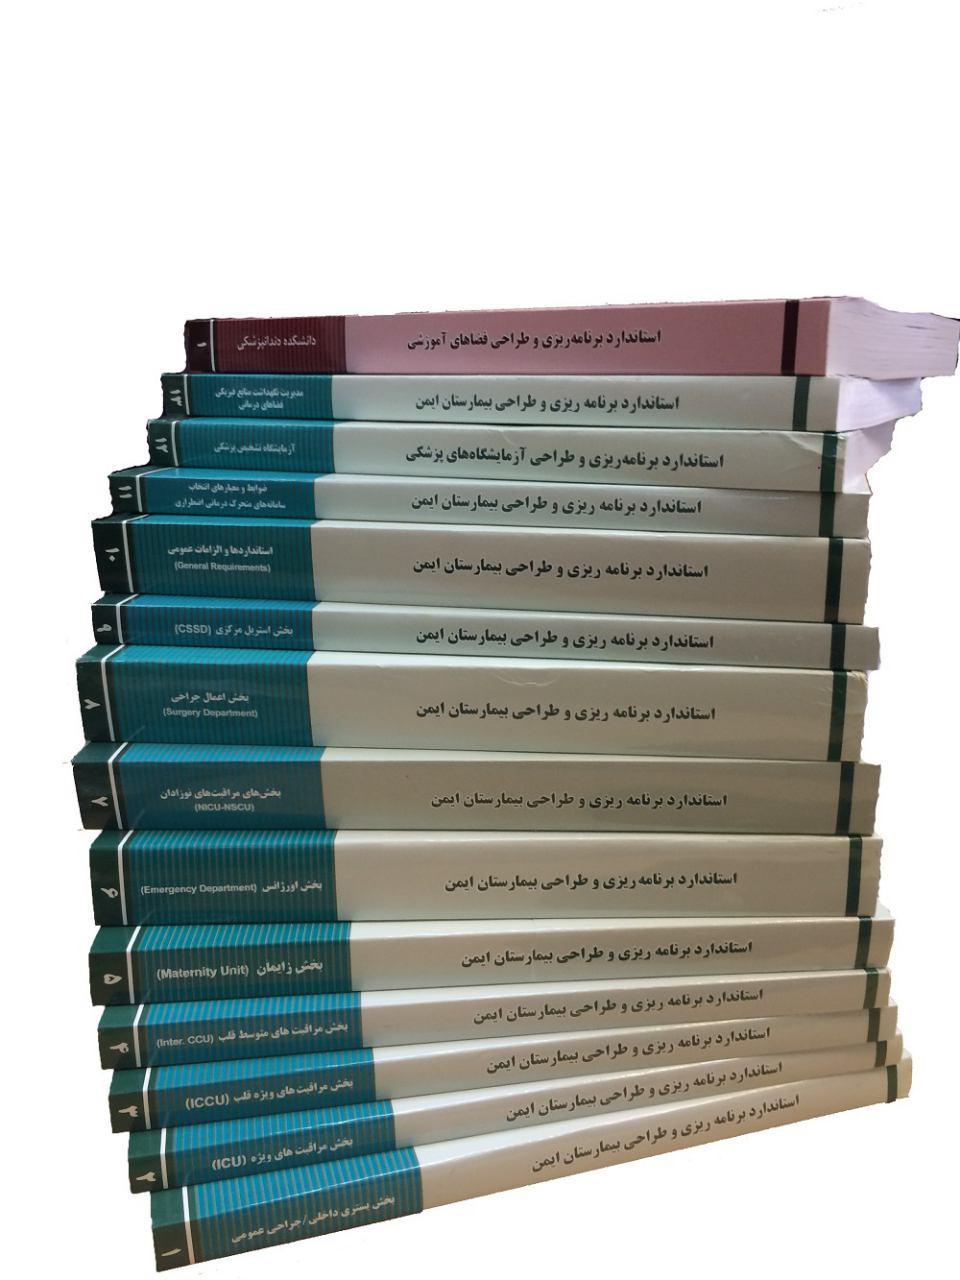 تدوین 13 جلد کتاب برای استانداردسازی بیمارستان ها/ تدوین کتبی برای استانداردهای فضاهای آموزشی و کمک آموزشی